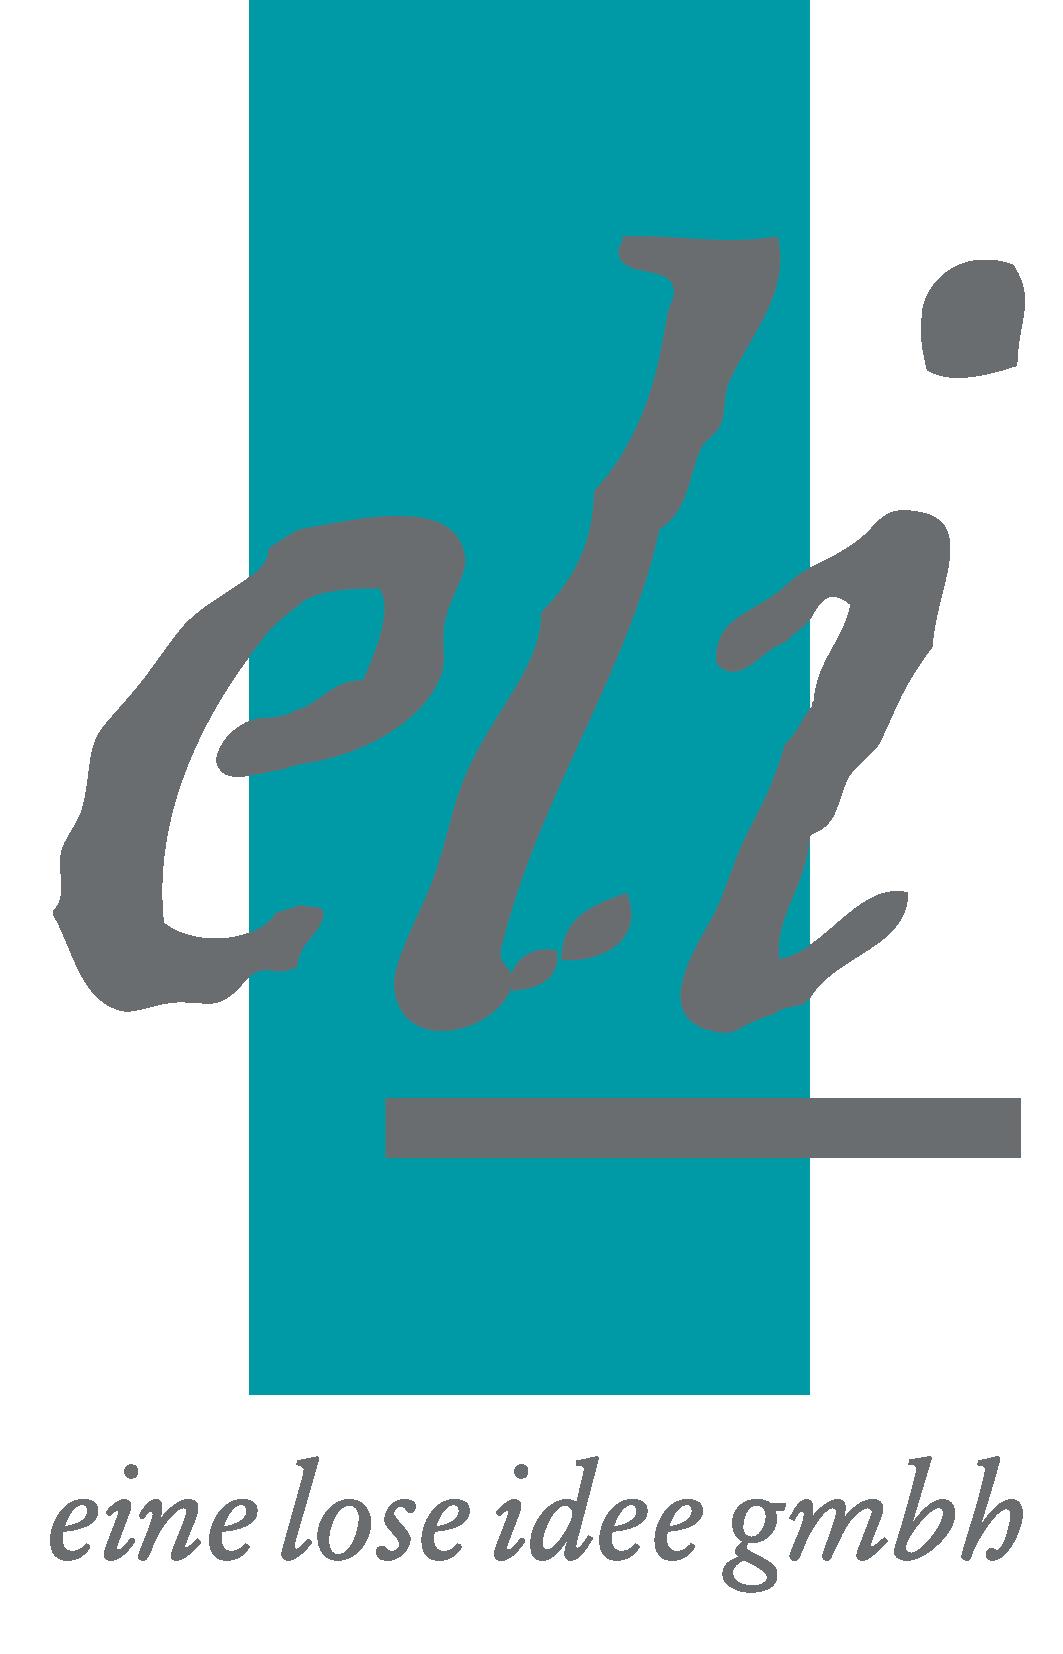 eli - eine lose idee - GmbH